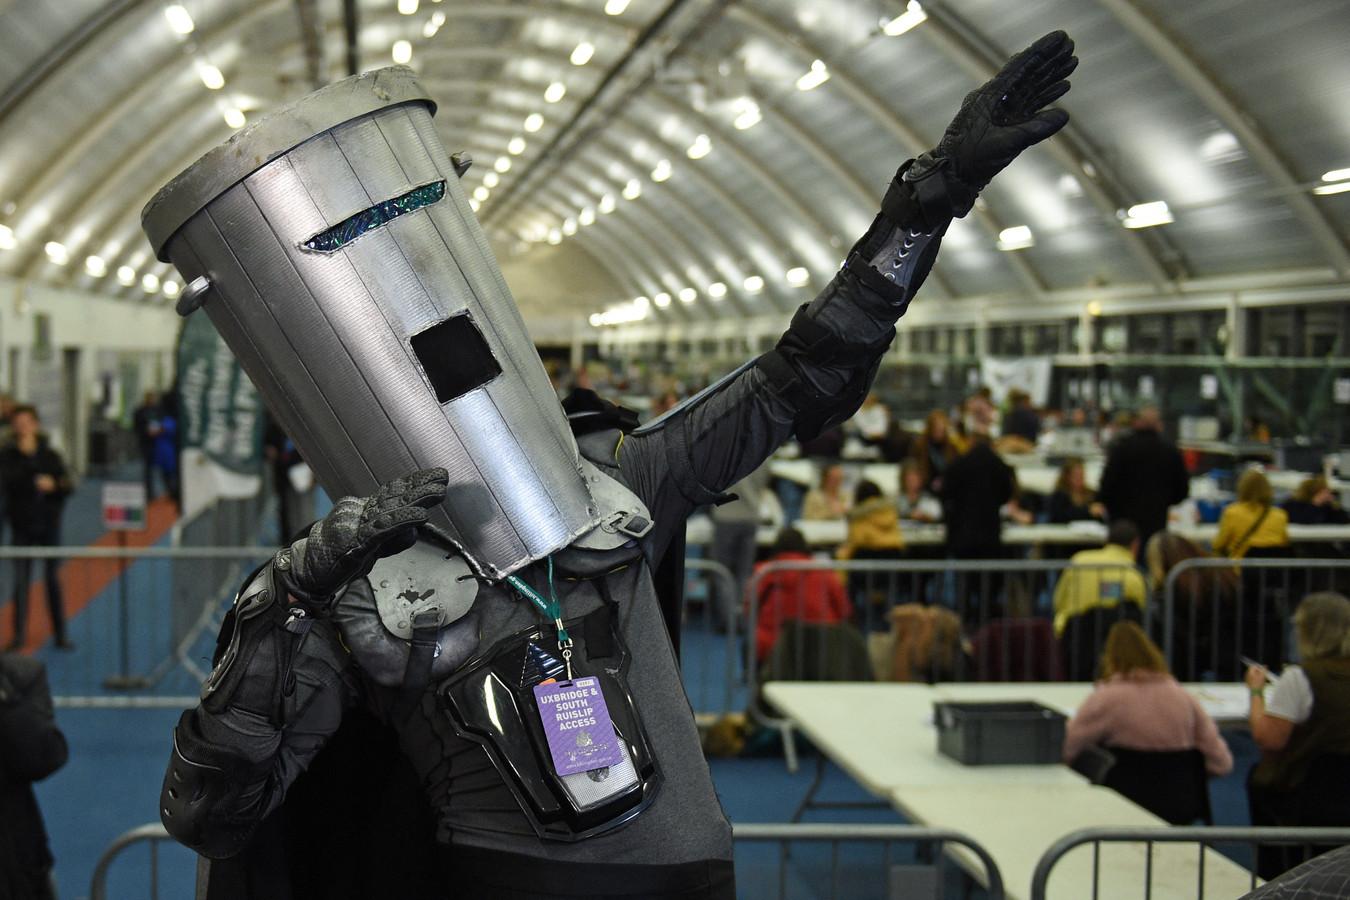 Count Binface, een van de concurrenten van Fosh.